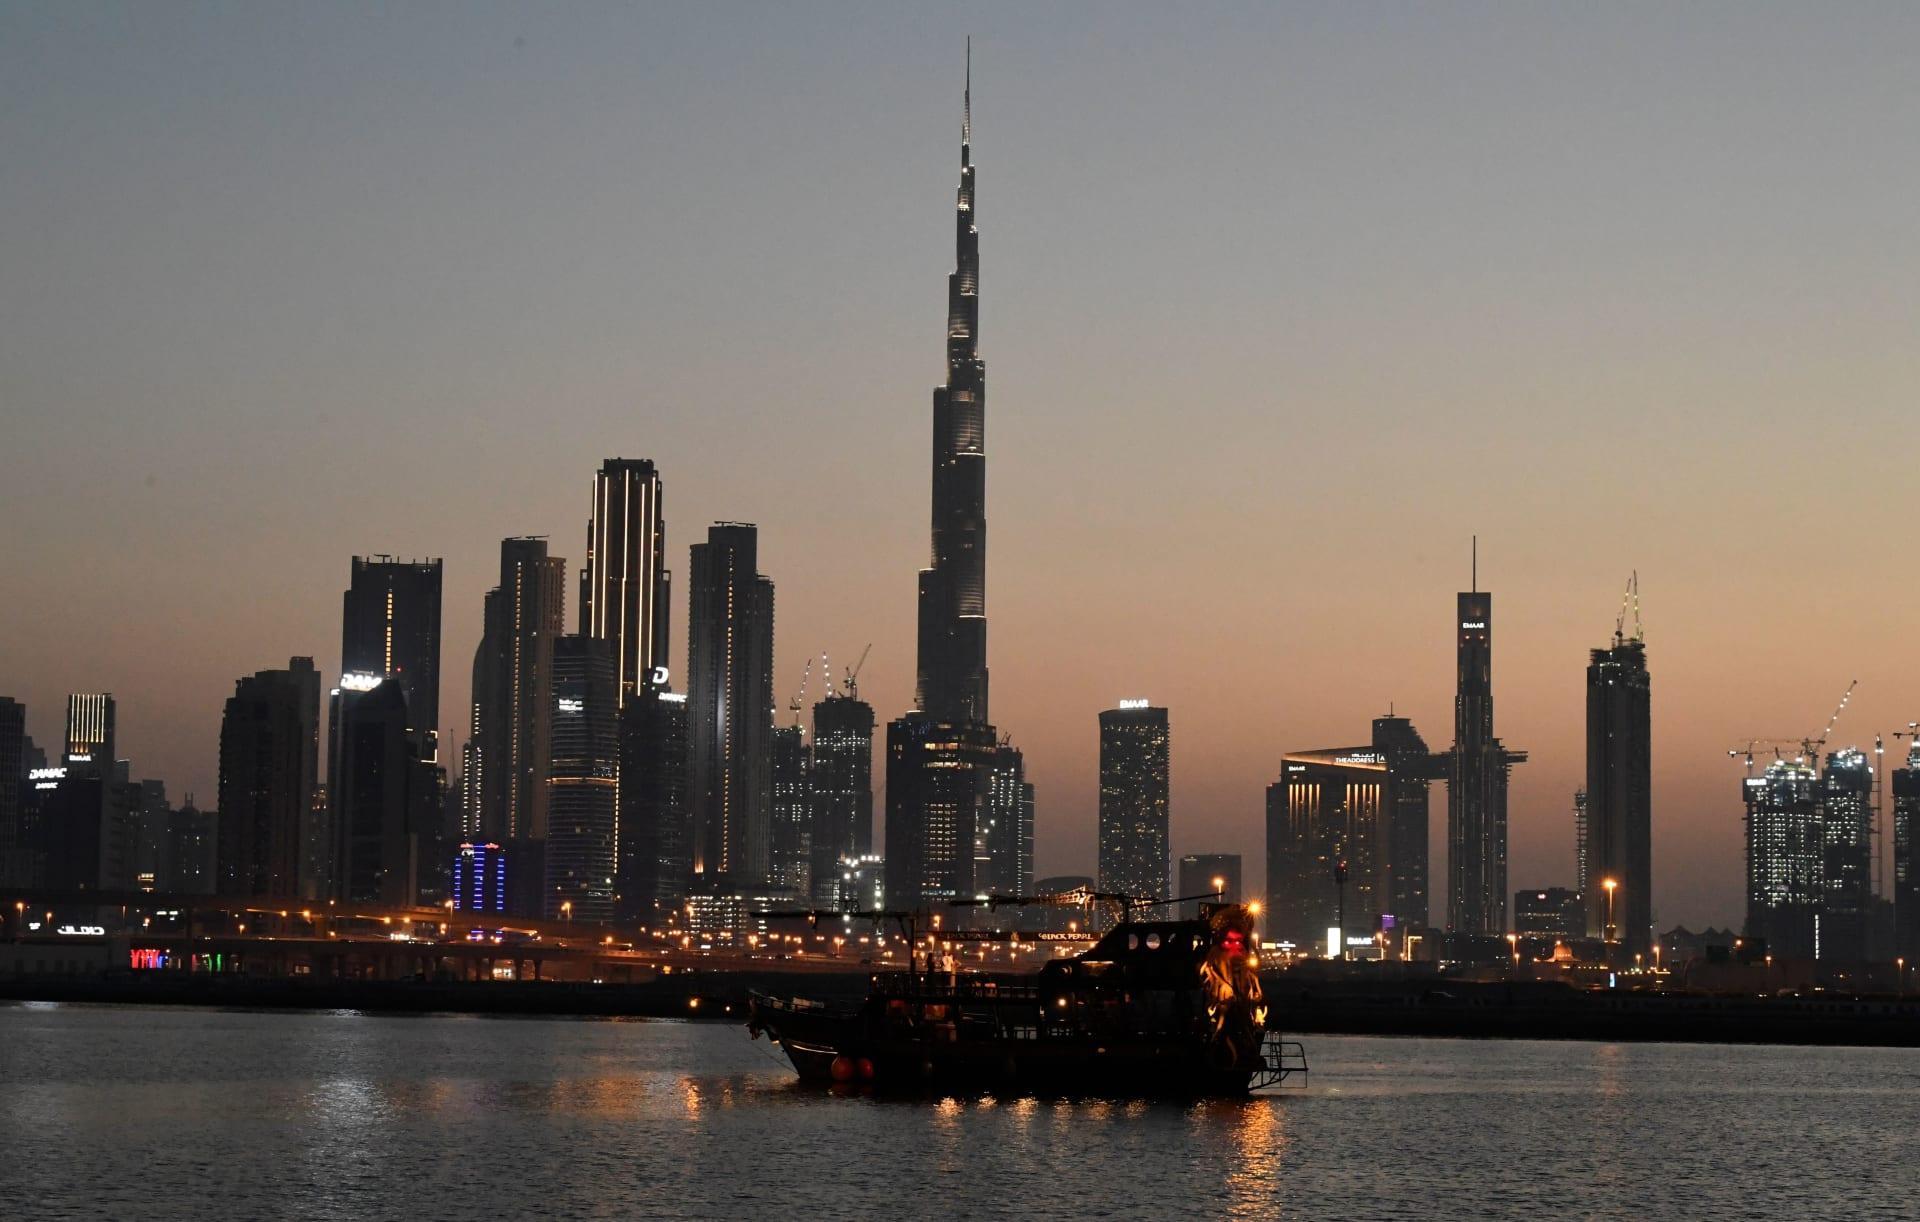 قارب يبحر عند غروب الشمس بالقرب من برج خليفة والمباني الشاهقة في مدينة دبي الإماراتية